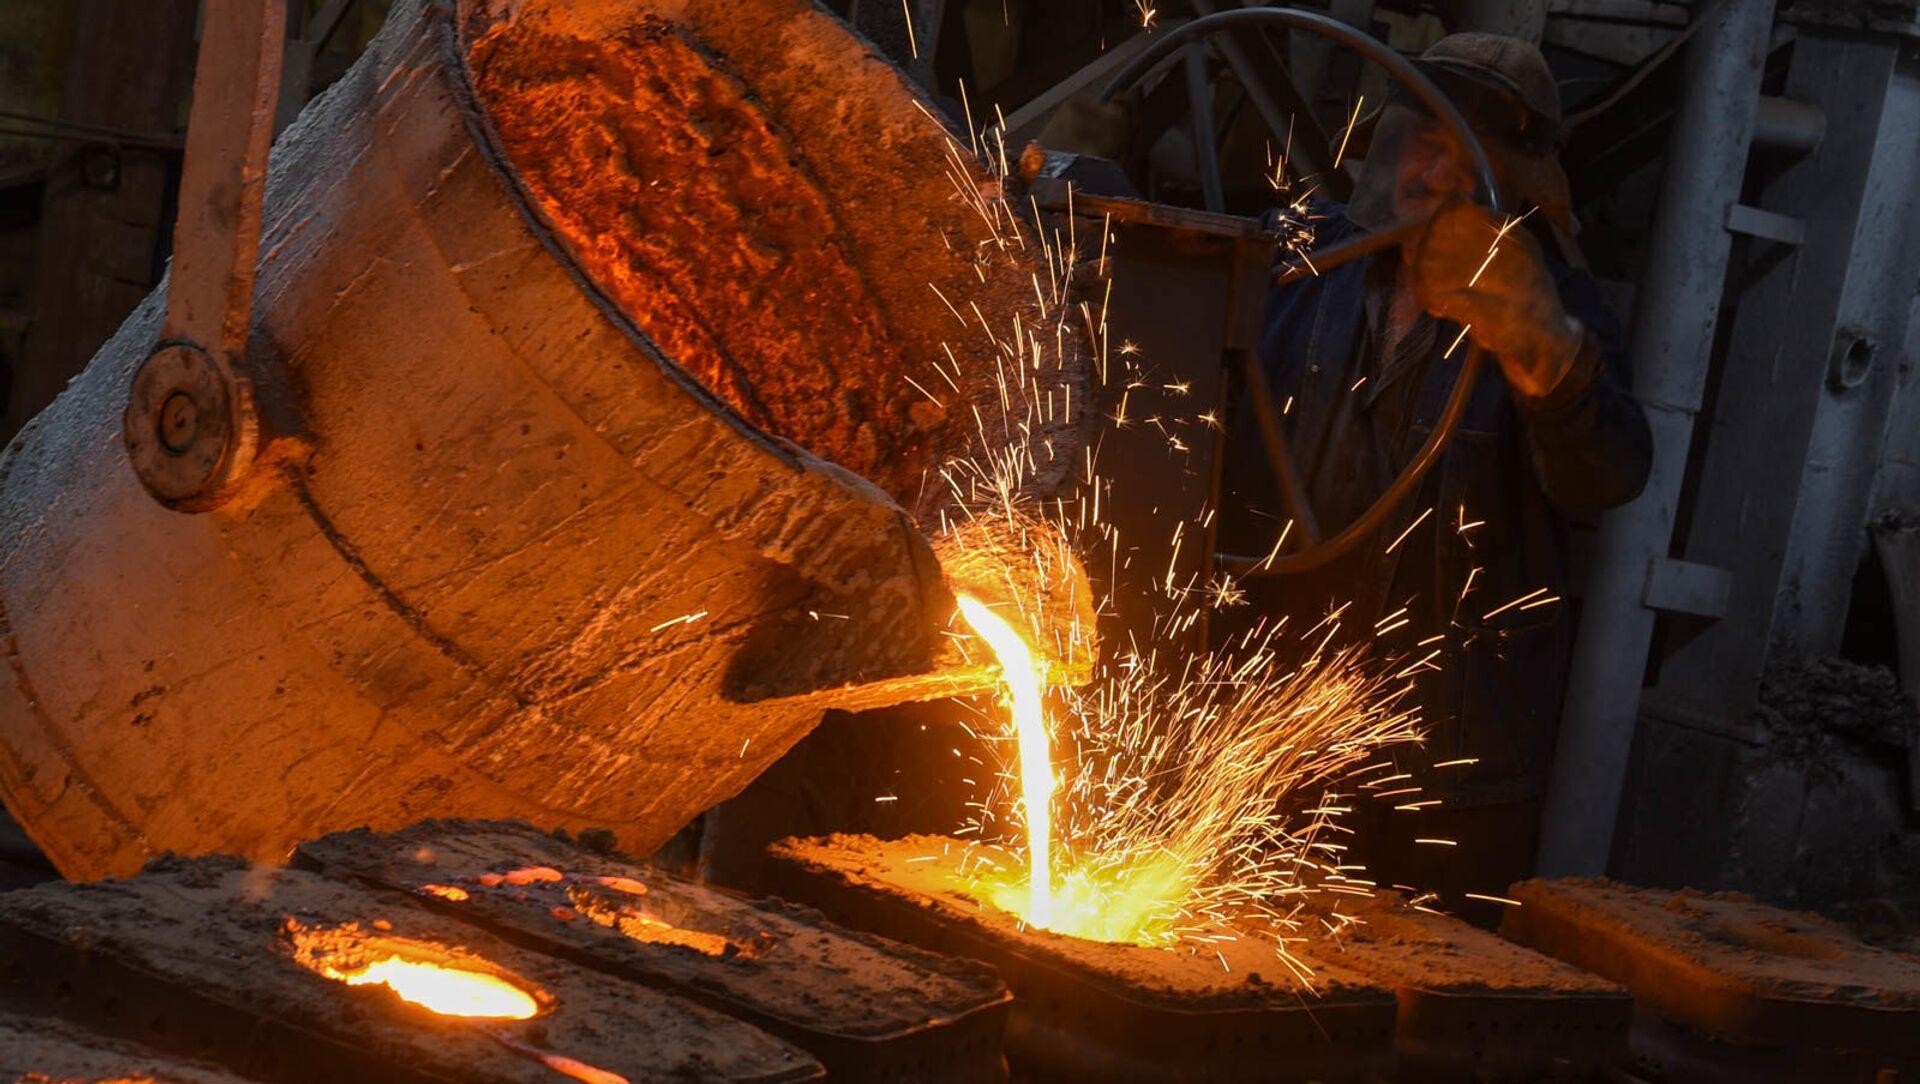 Производство шаров для рудных мельниц на медеплавильном заводе ACP, город Алаверди - Sputnik Արմենիա, 1920, 28.03.2021